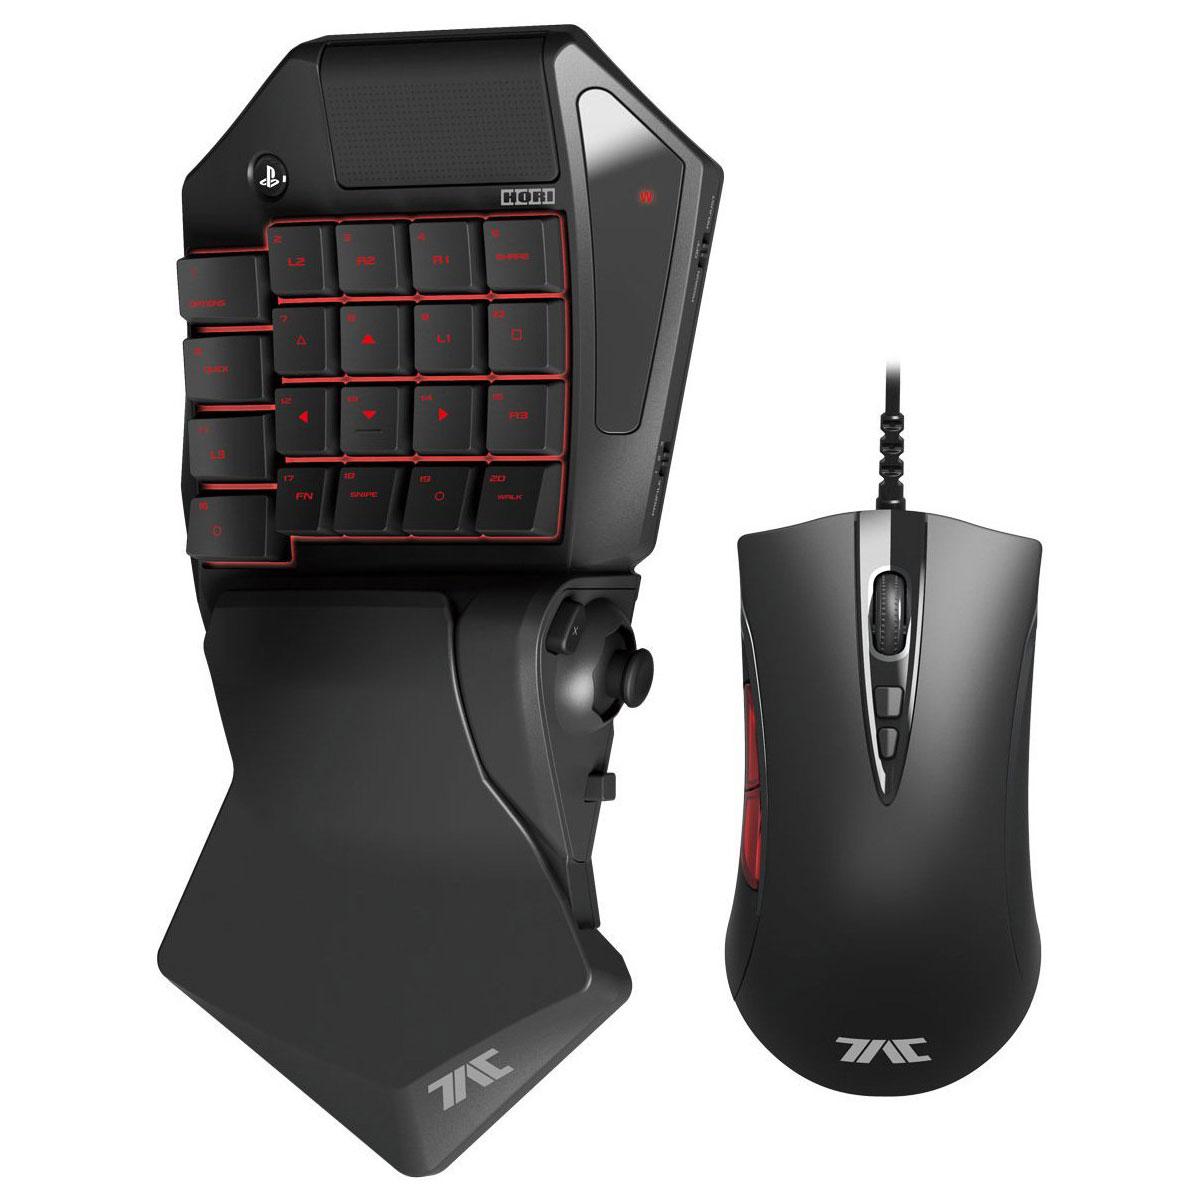 Accessoires PS4 Hori Tactical Assault Commander Pro (PS3/PS4) Pad programmable + souris optique pour PS3 et PS4